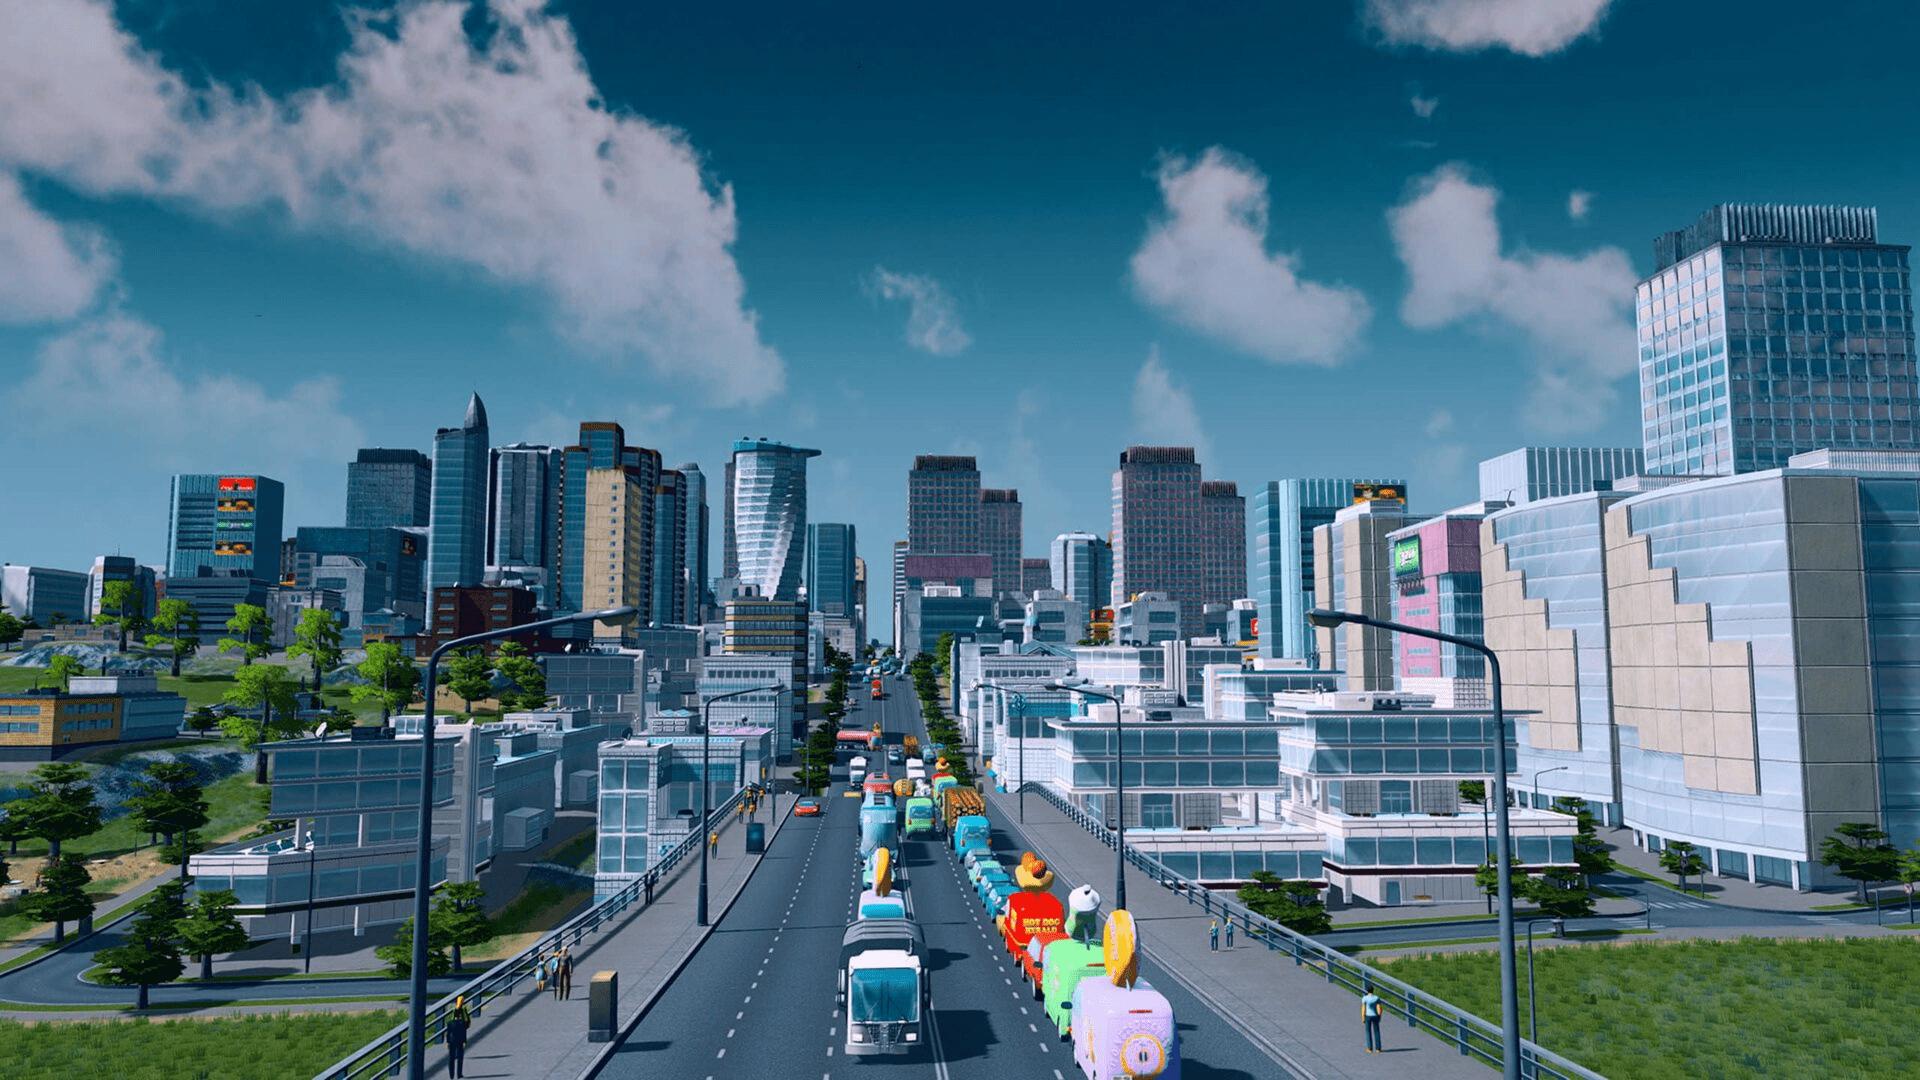 June 2020 deals - Cities: Skylines sale